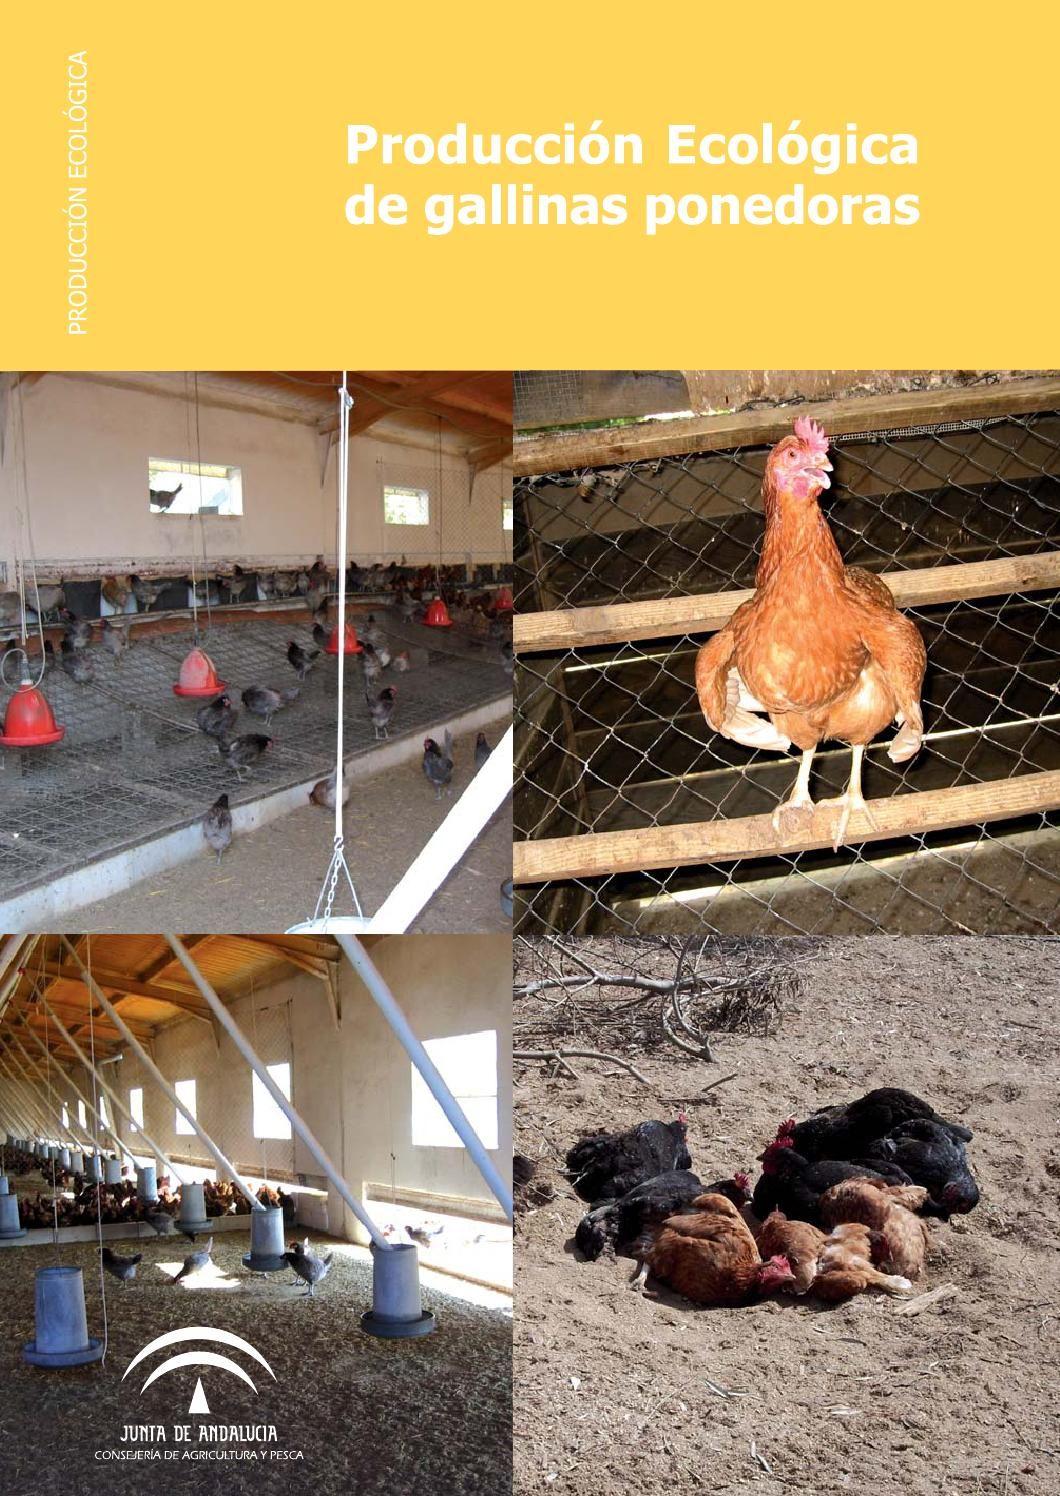 Producción ecológica de gallinas ponedoras